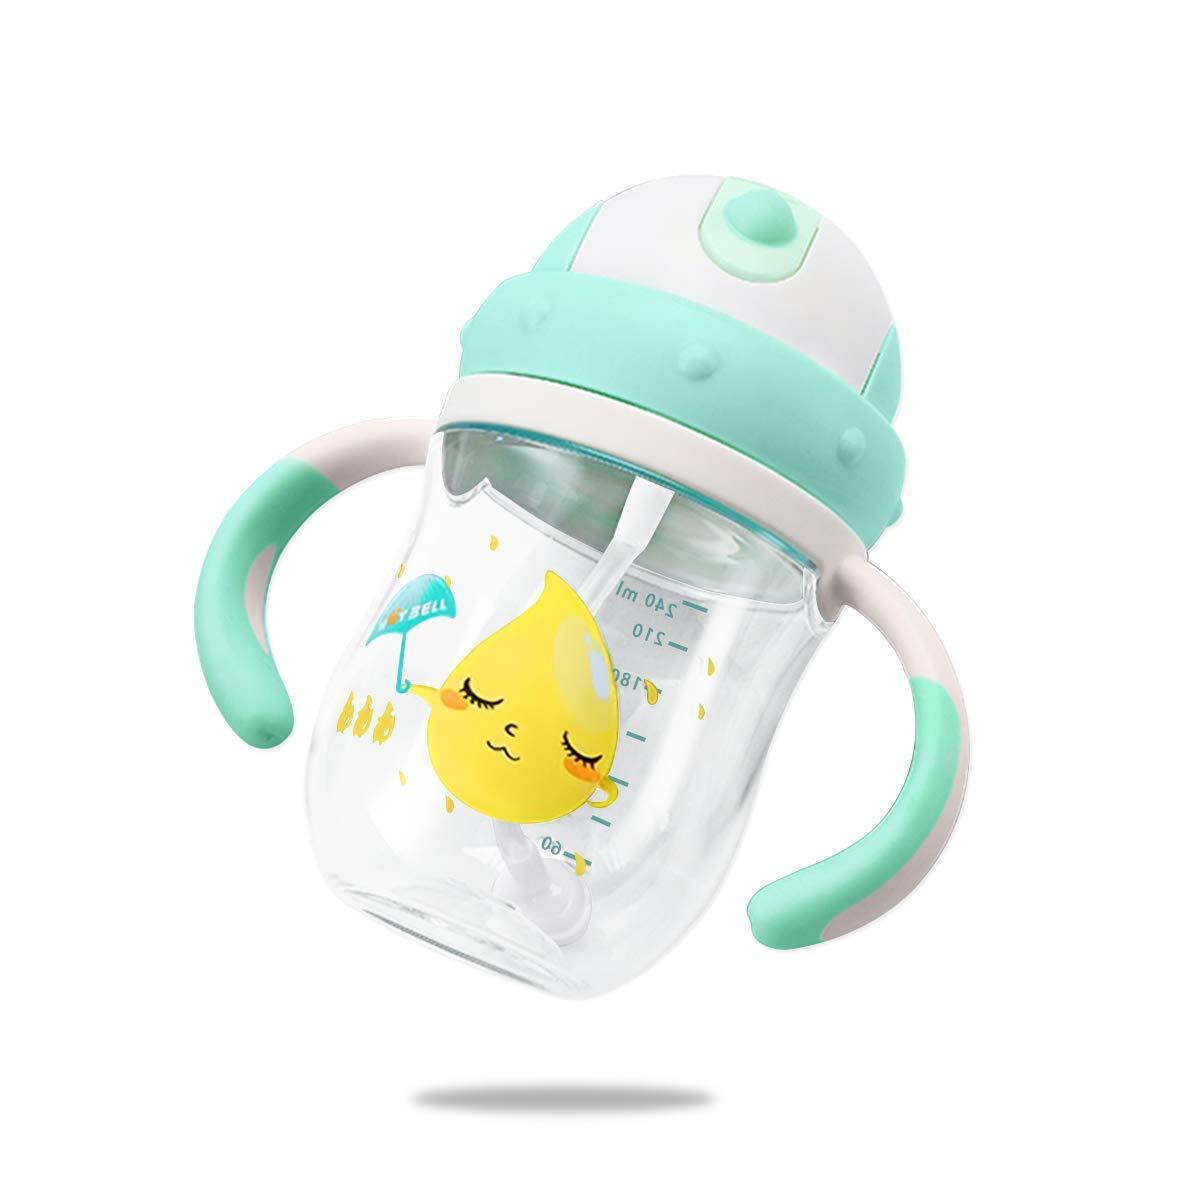 Gr/ün SONARIN Premium transparent Baby Stroh Cup Sippy Tassen Baby Schnabeltassen mit Griffen,Mit Schl/üsselband,Trinklernbecher,BPA frei,360 Grad,240ML